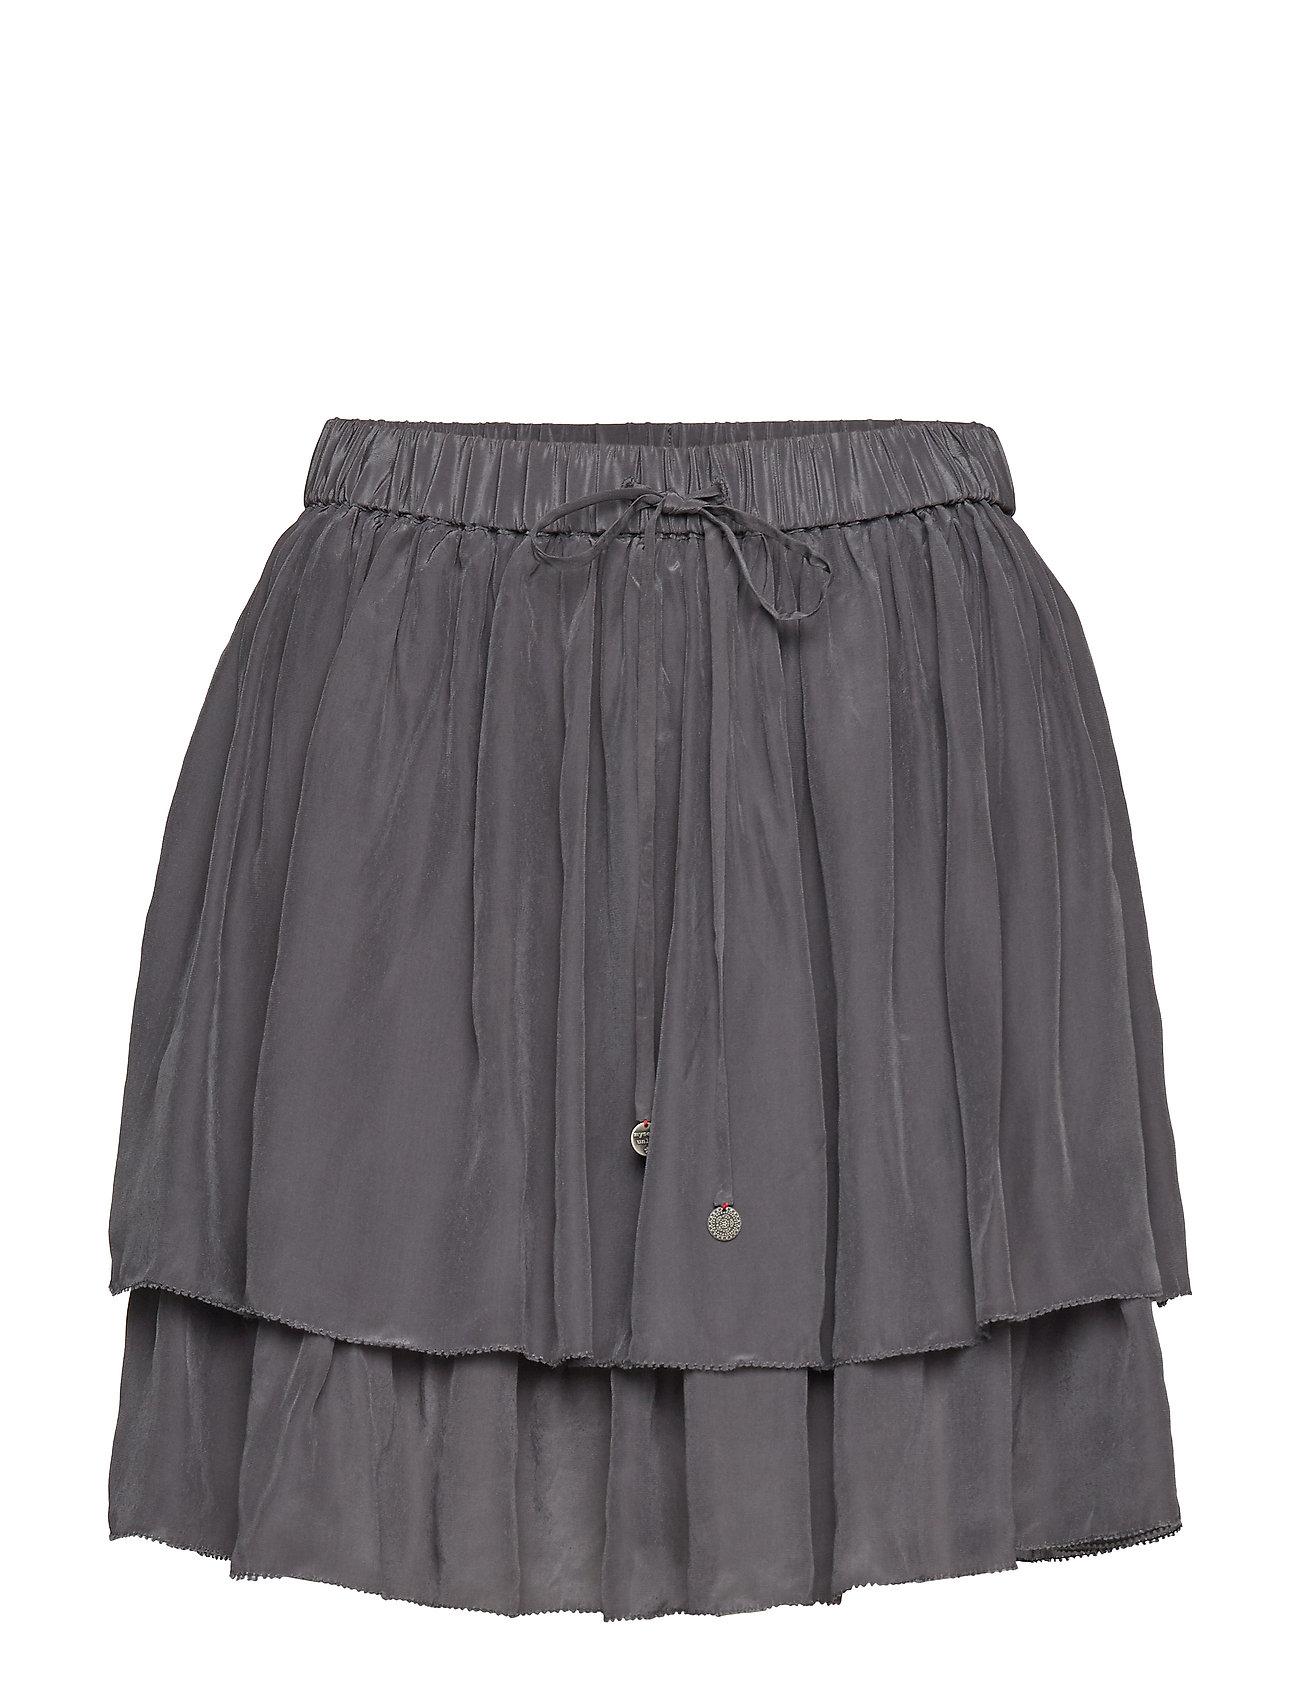 ODD MOLLY i-escape skirt - ASPHALT